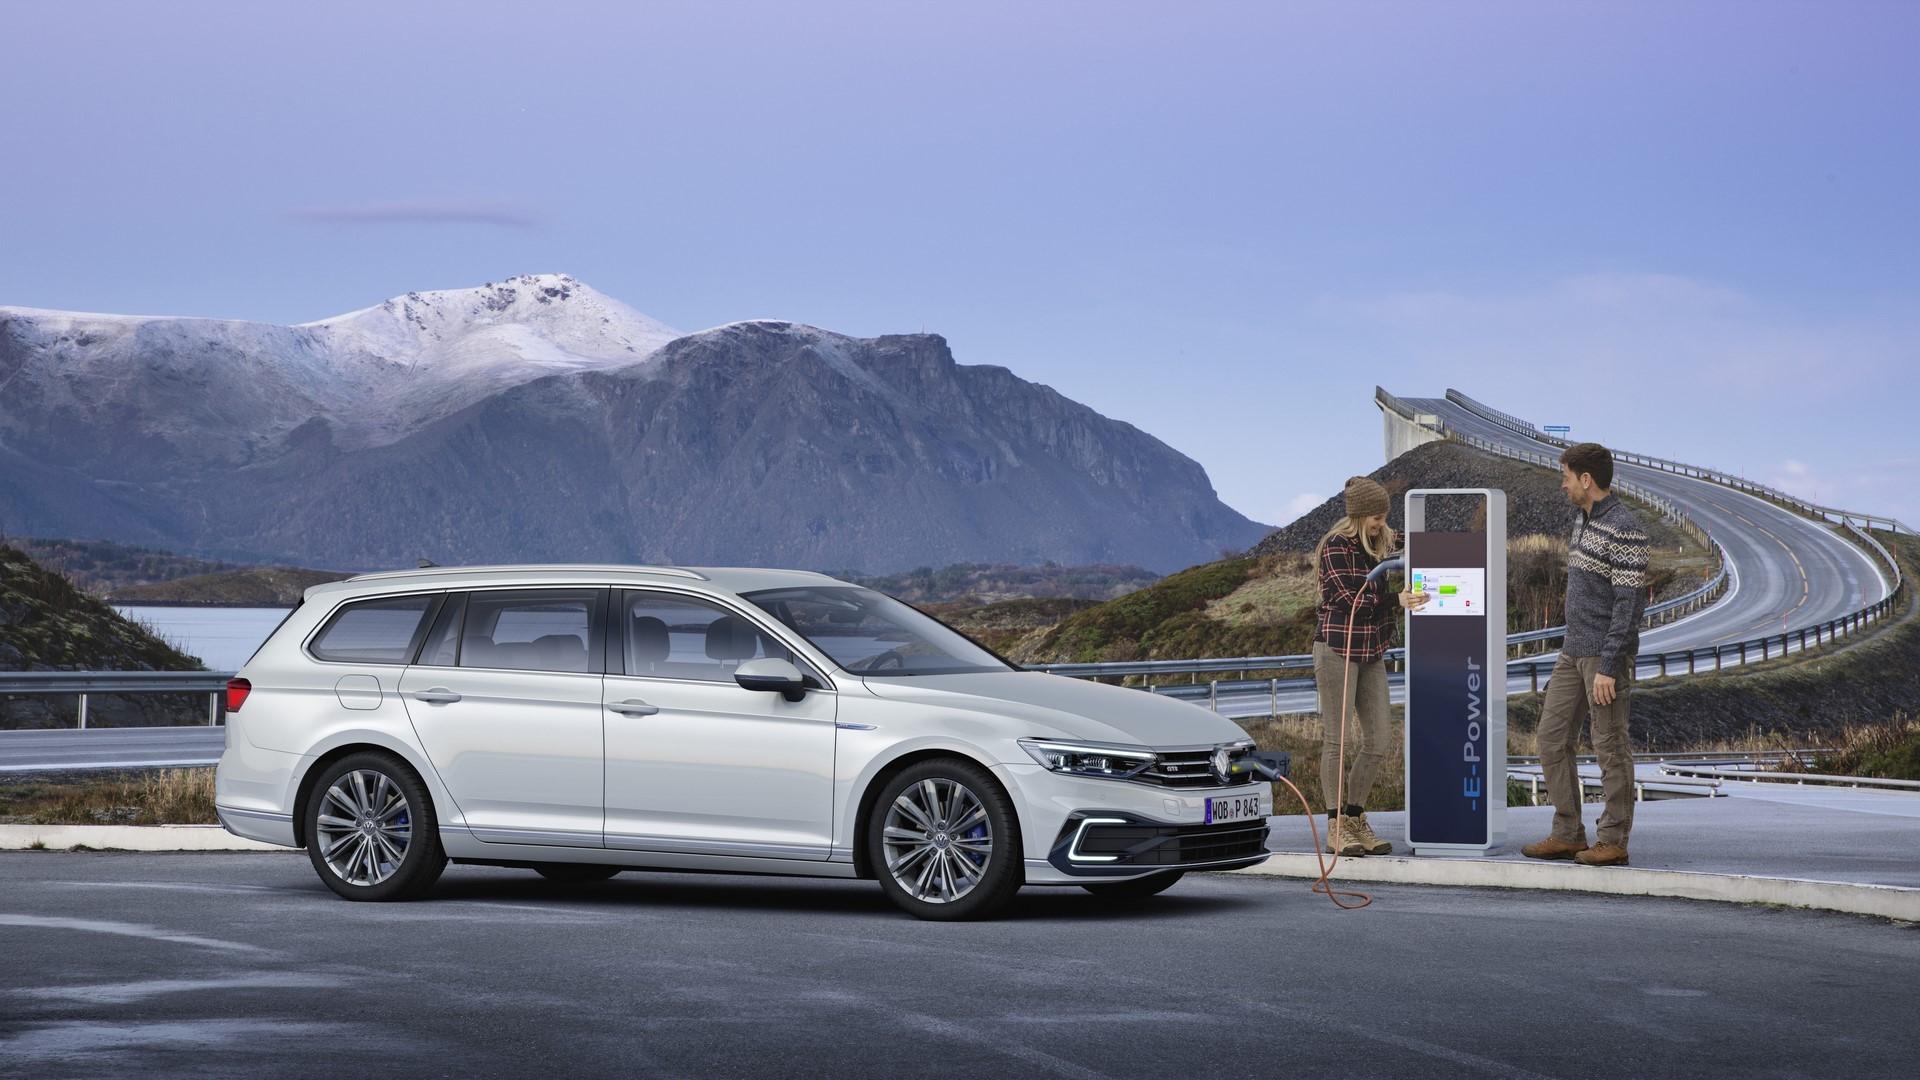 The new Volkswagen Passat GTE Variant